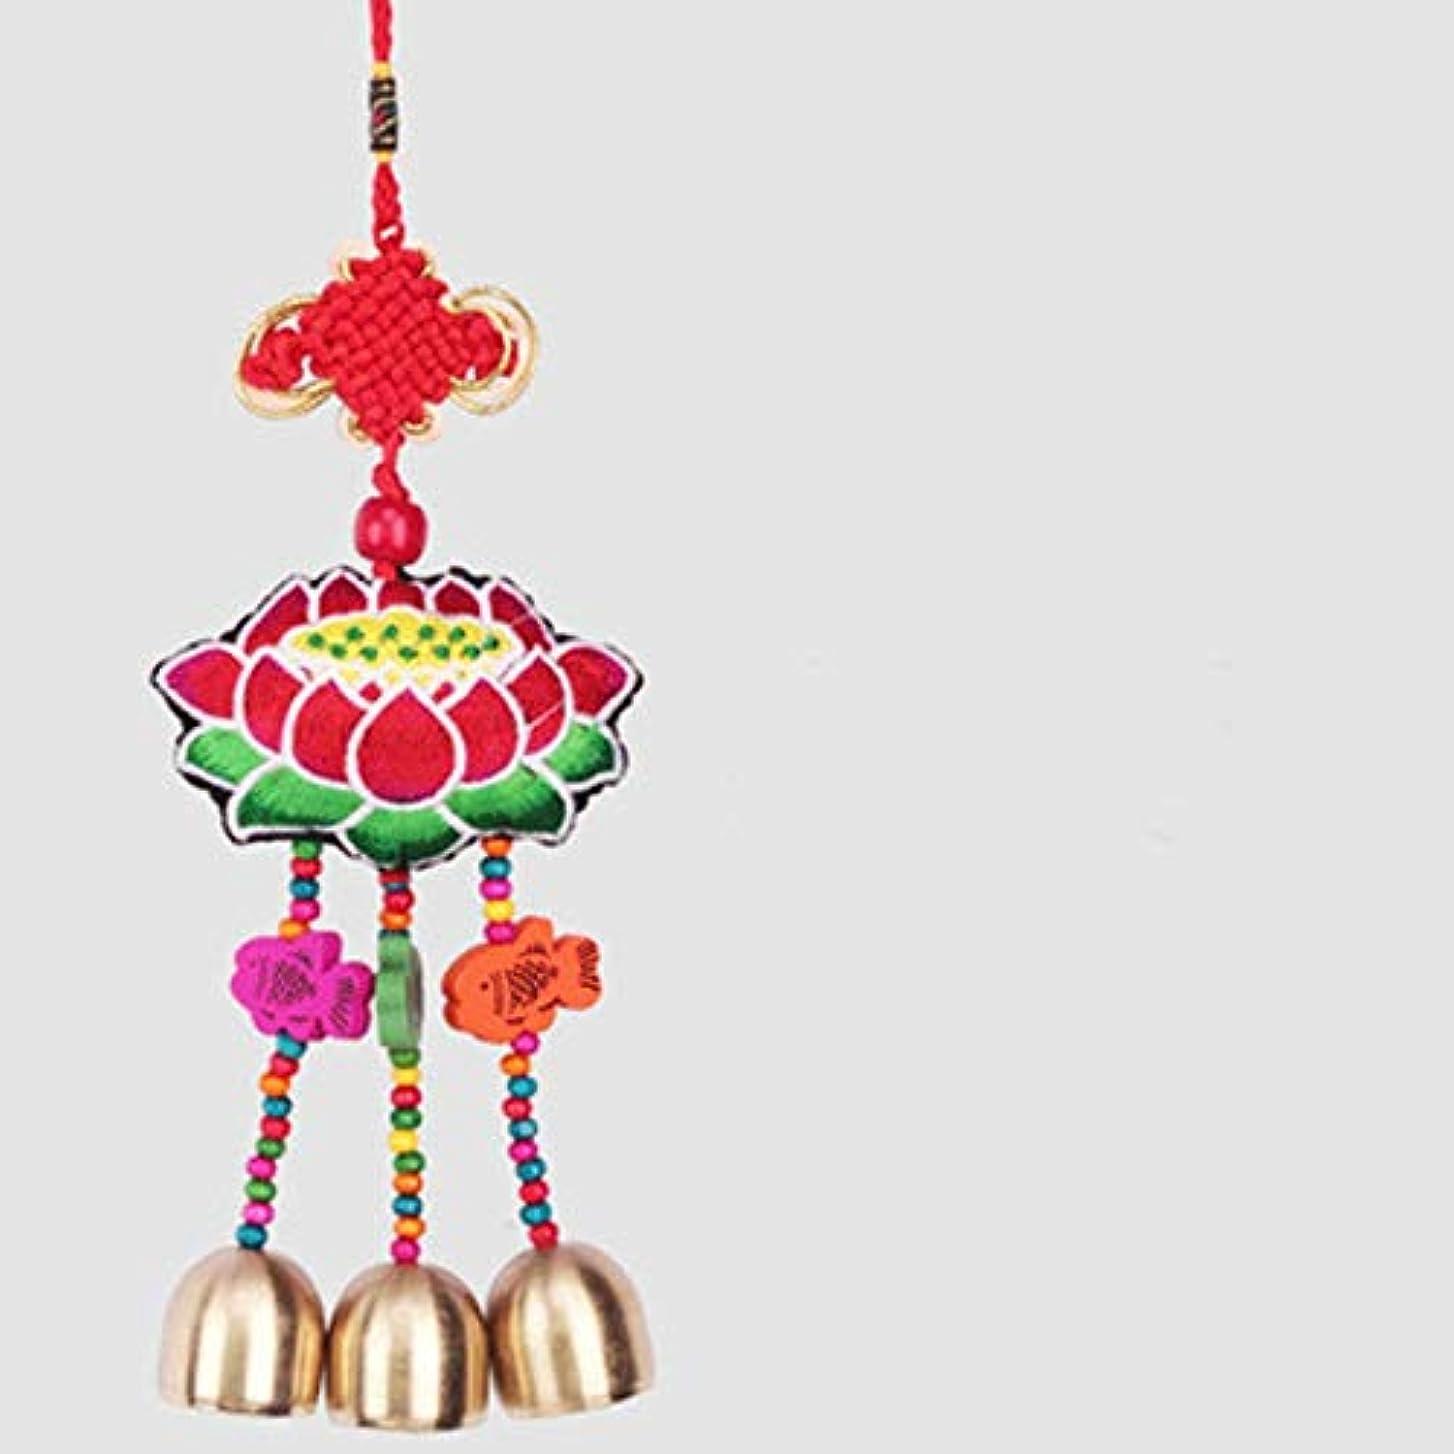 近代化する面倒半ばJielongtongxun Small Wind Chimes、中華風刺繍工芸品、14スタイル、ワンピース,絶妙な飾り (Color : 13)